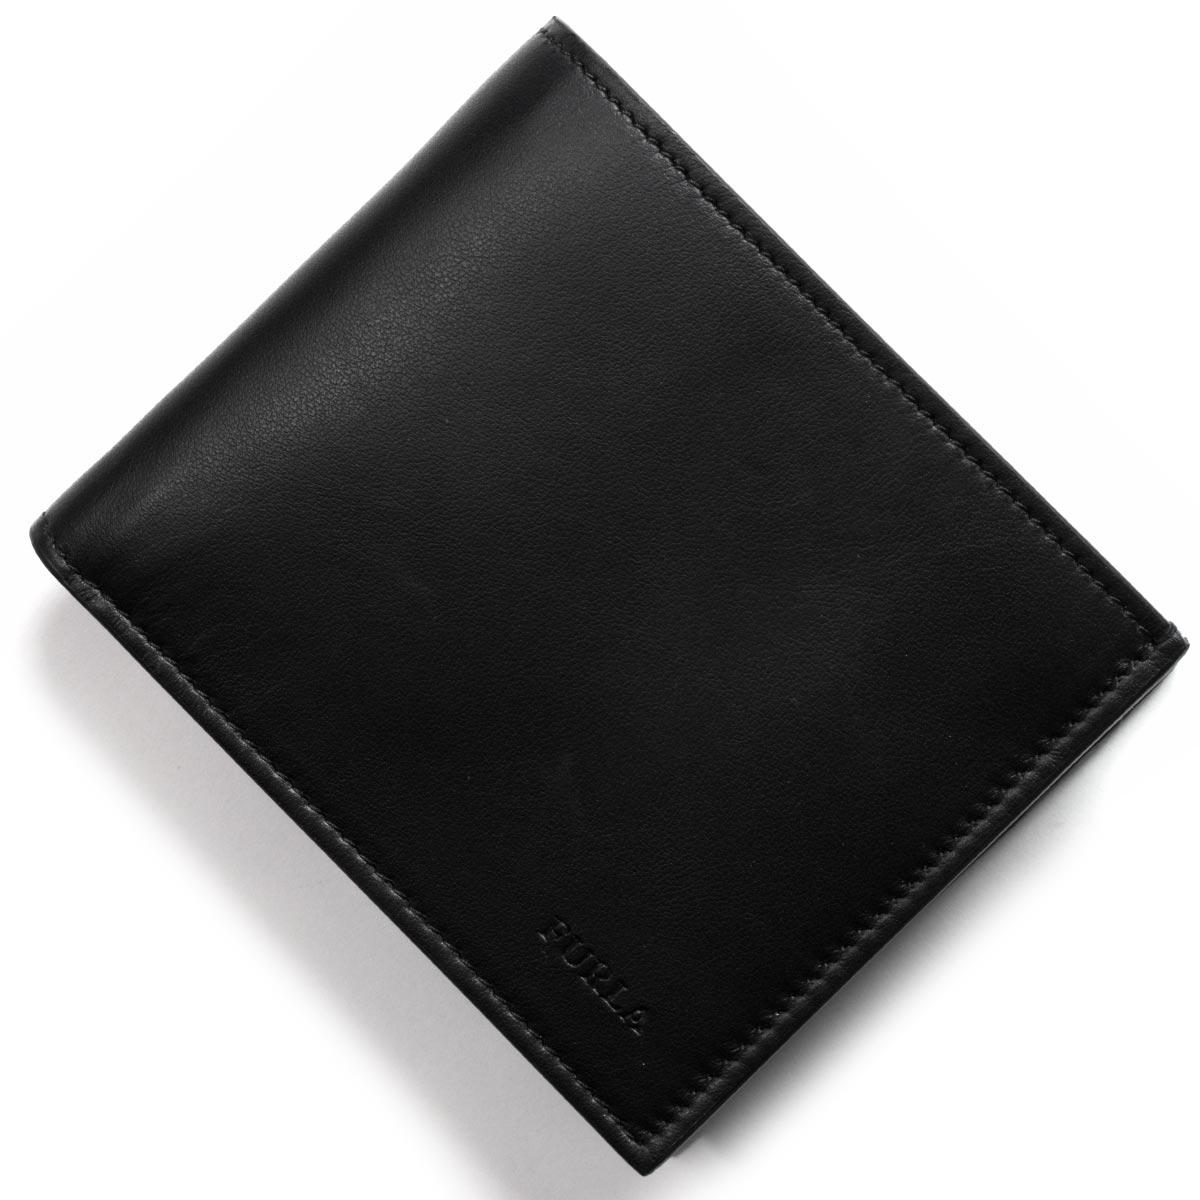 フルラ 二つ折り財布 財布 メンズ メン アポロ MAN APOLLO ブラック PQ37 100 O60 901999 2018年春夏新作 FURLA